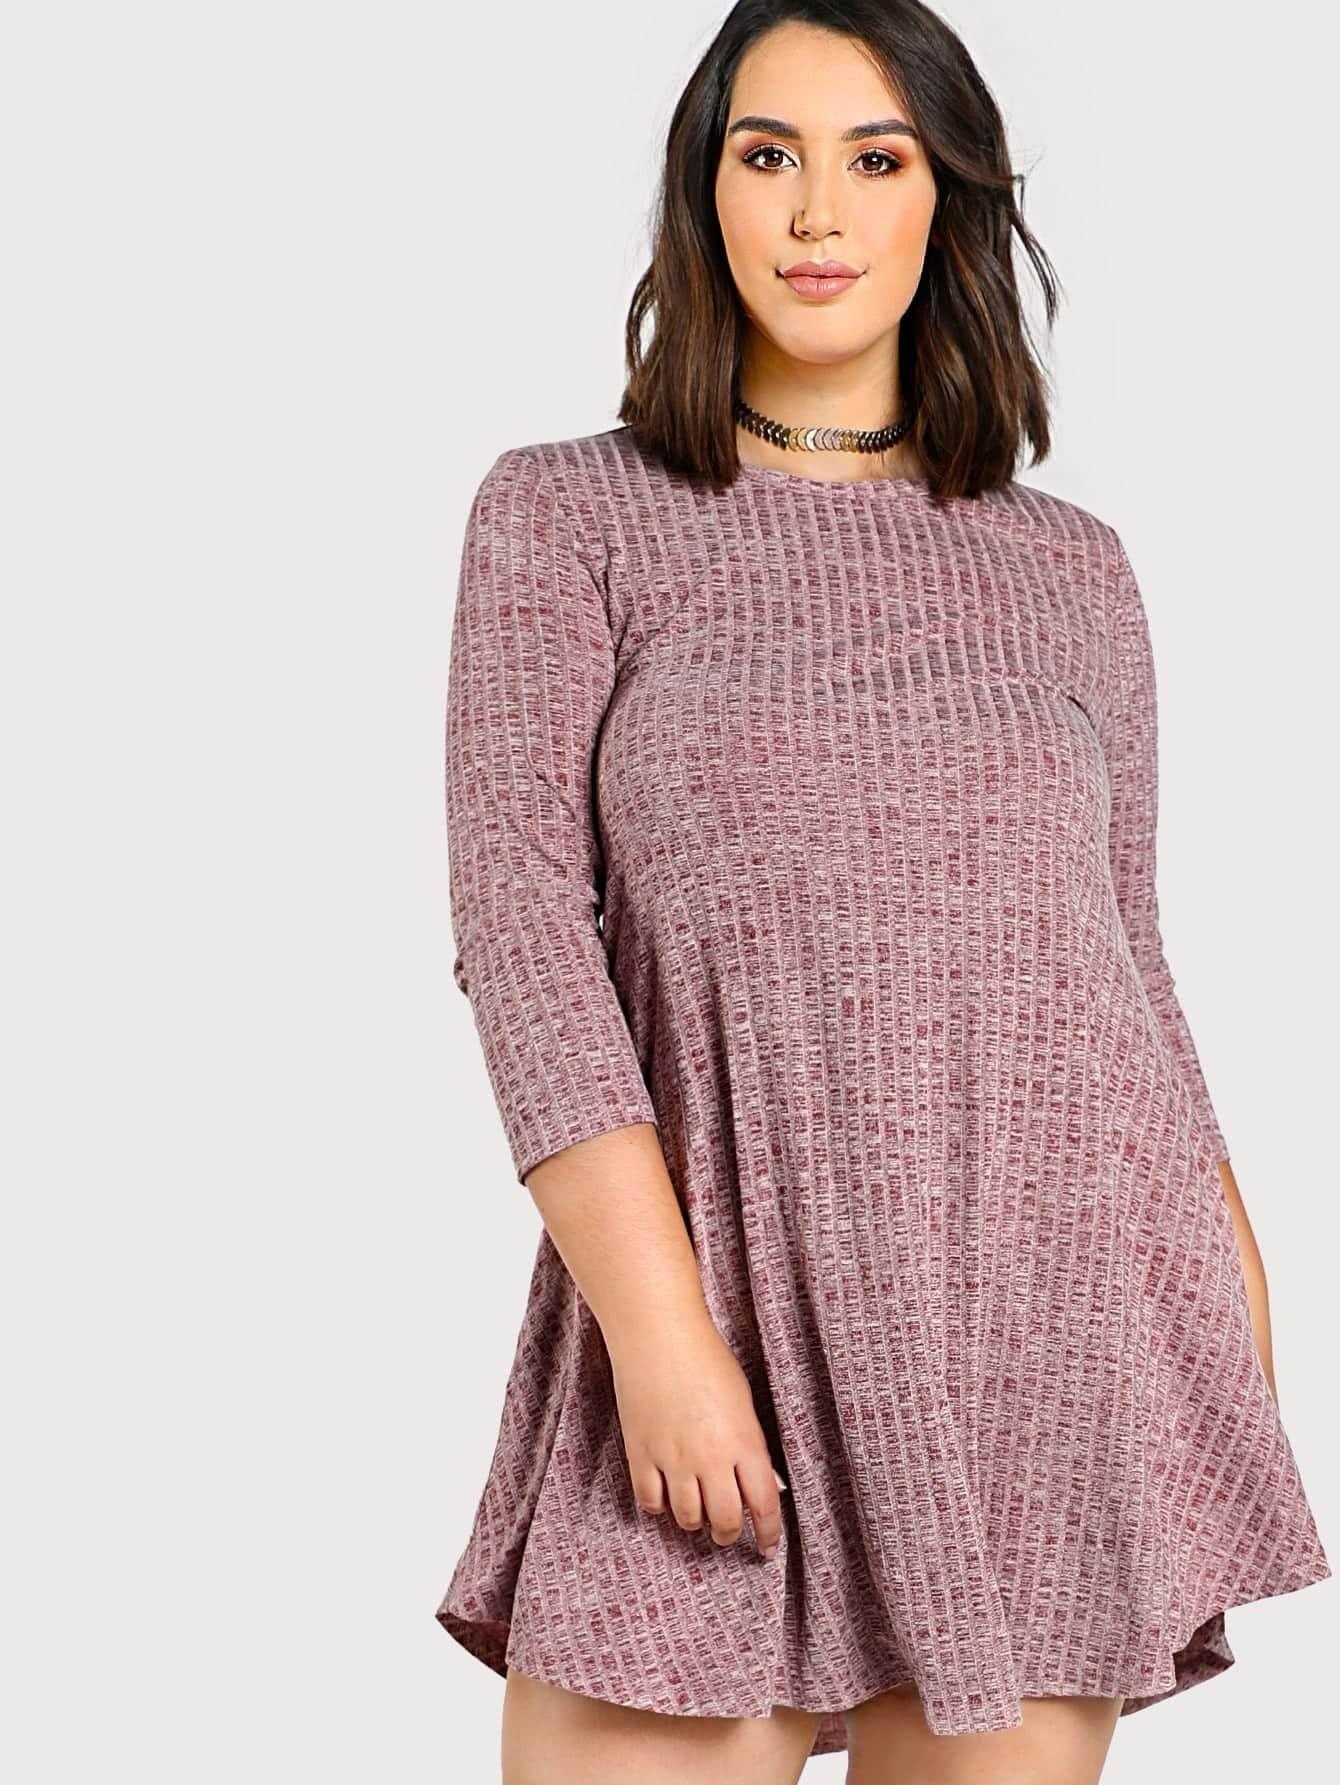 Marled Rib Knit Swing Tee Dress heather knit swing dress